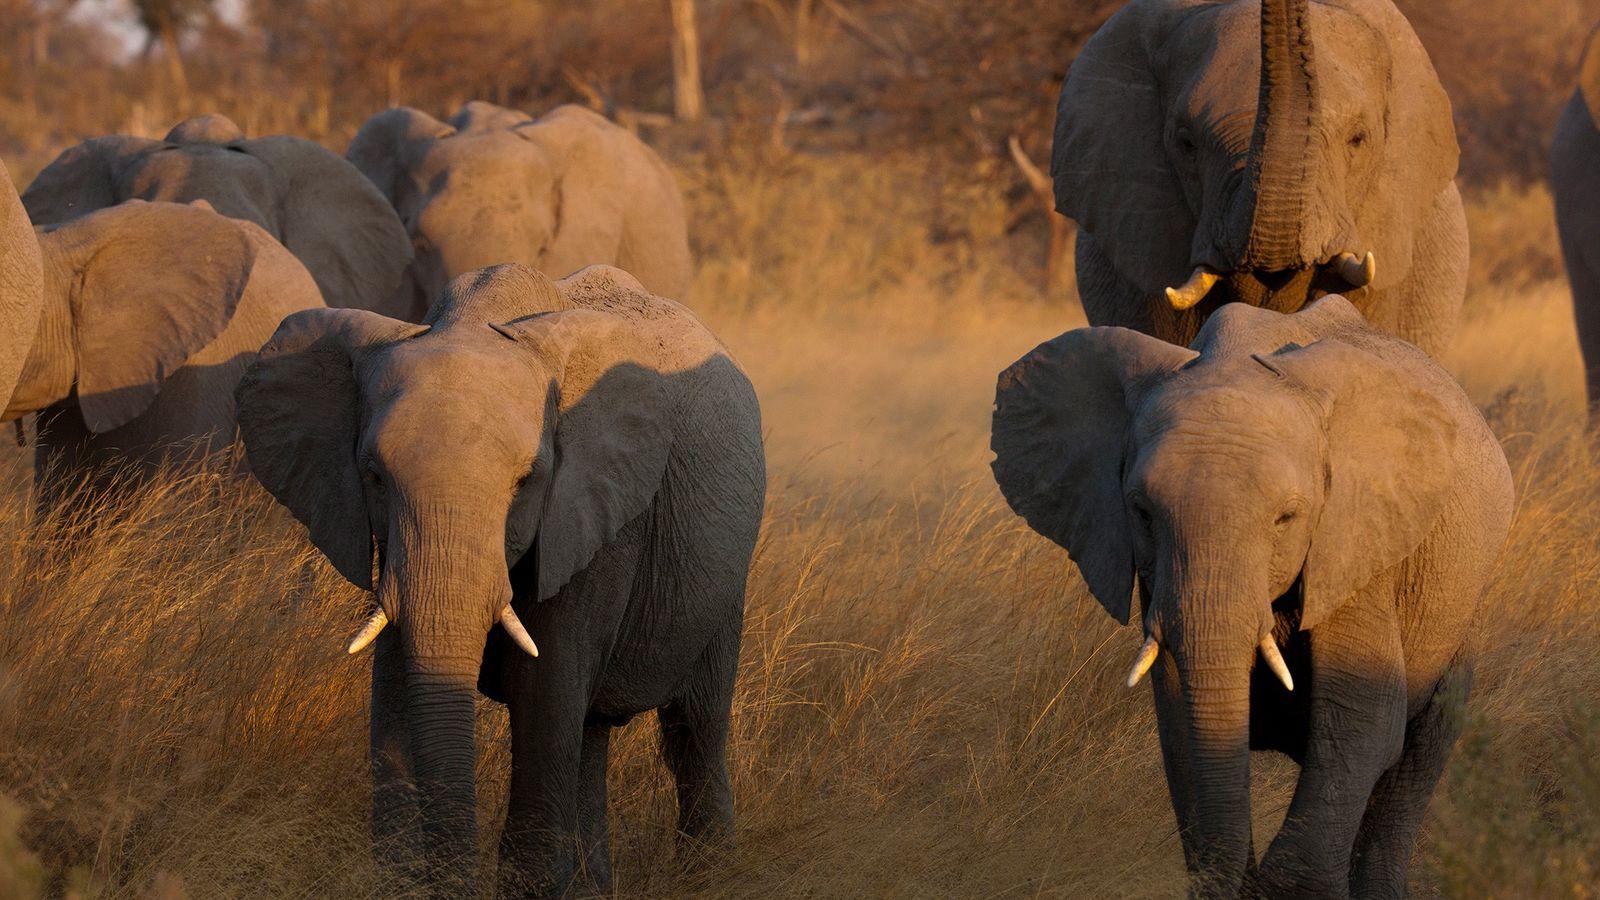 Continúa la caza furtiva de los elefantes africanos por sus colmillos. Los nuevos datos muestran que ...